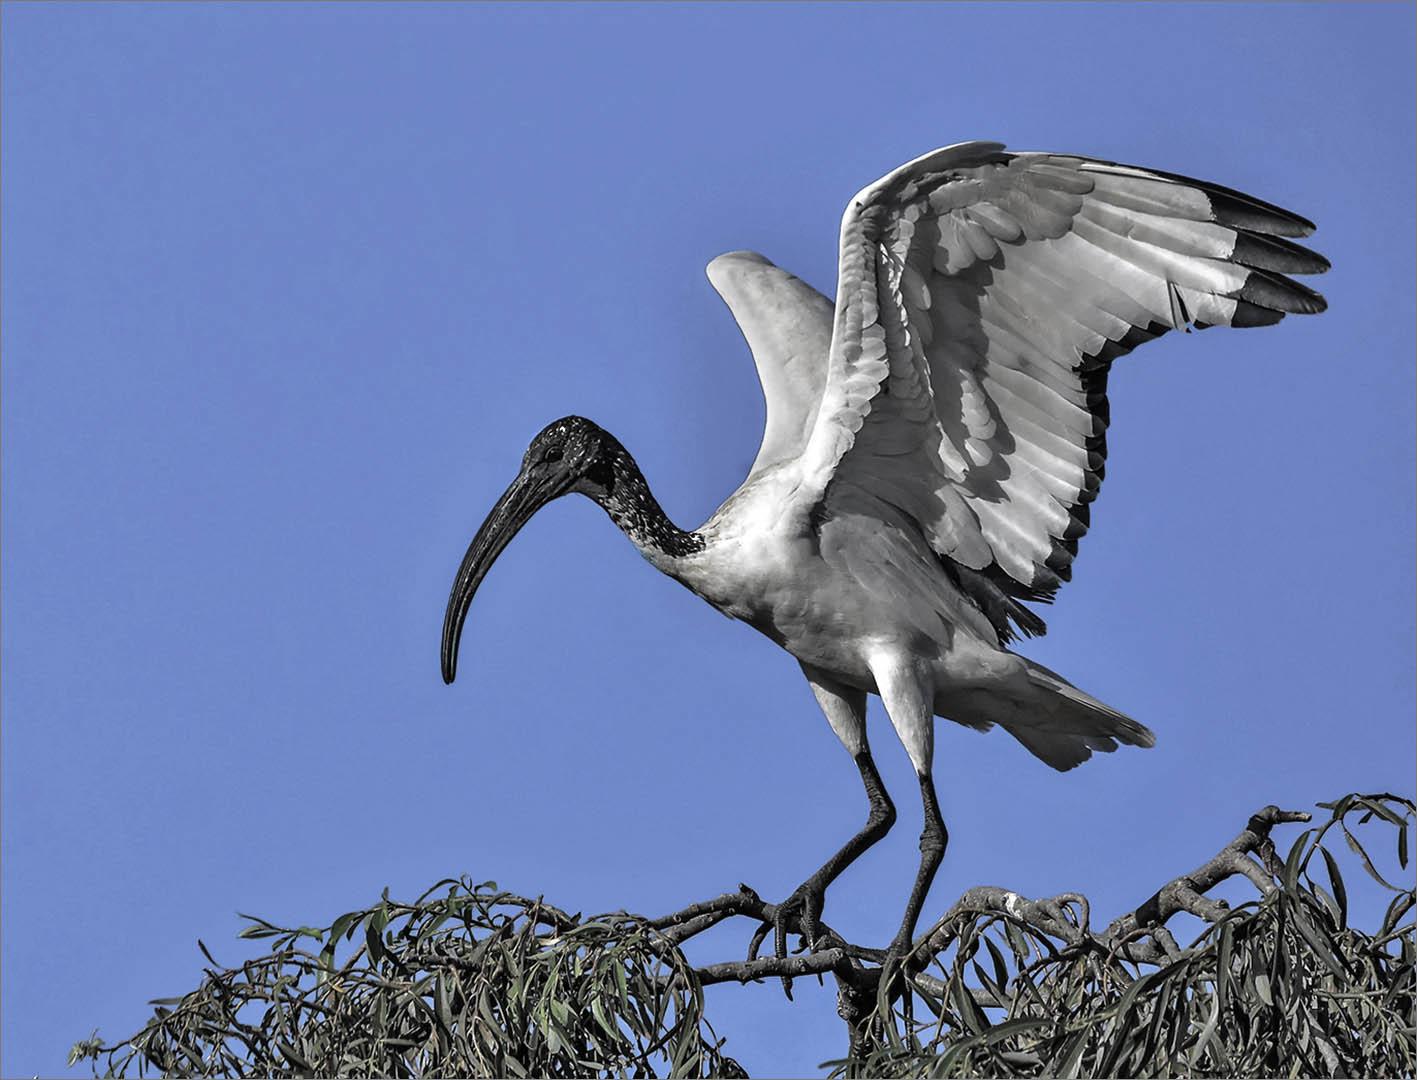 4_NA_Stretching my wings_Brian Kleinwort